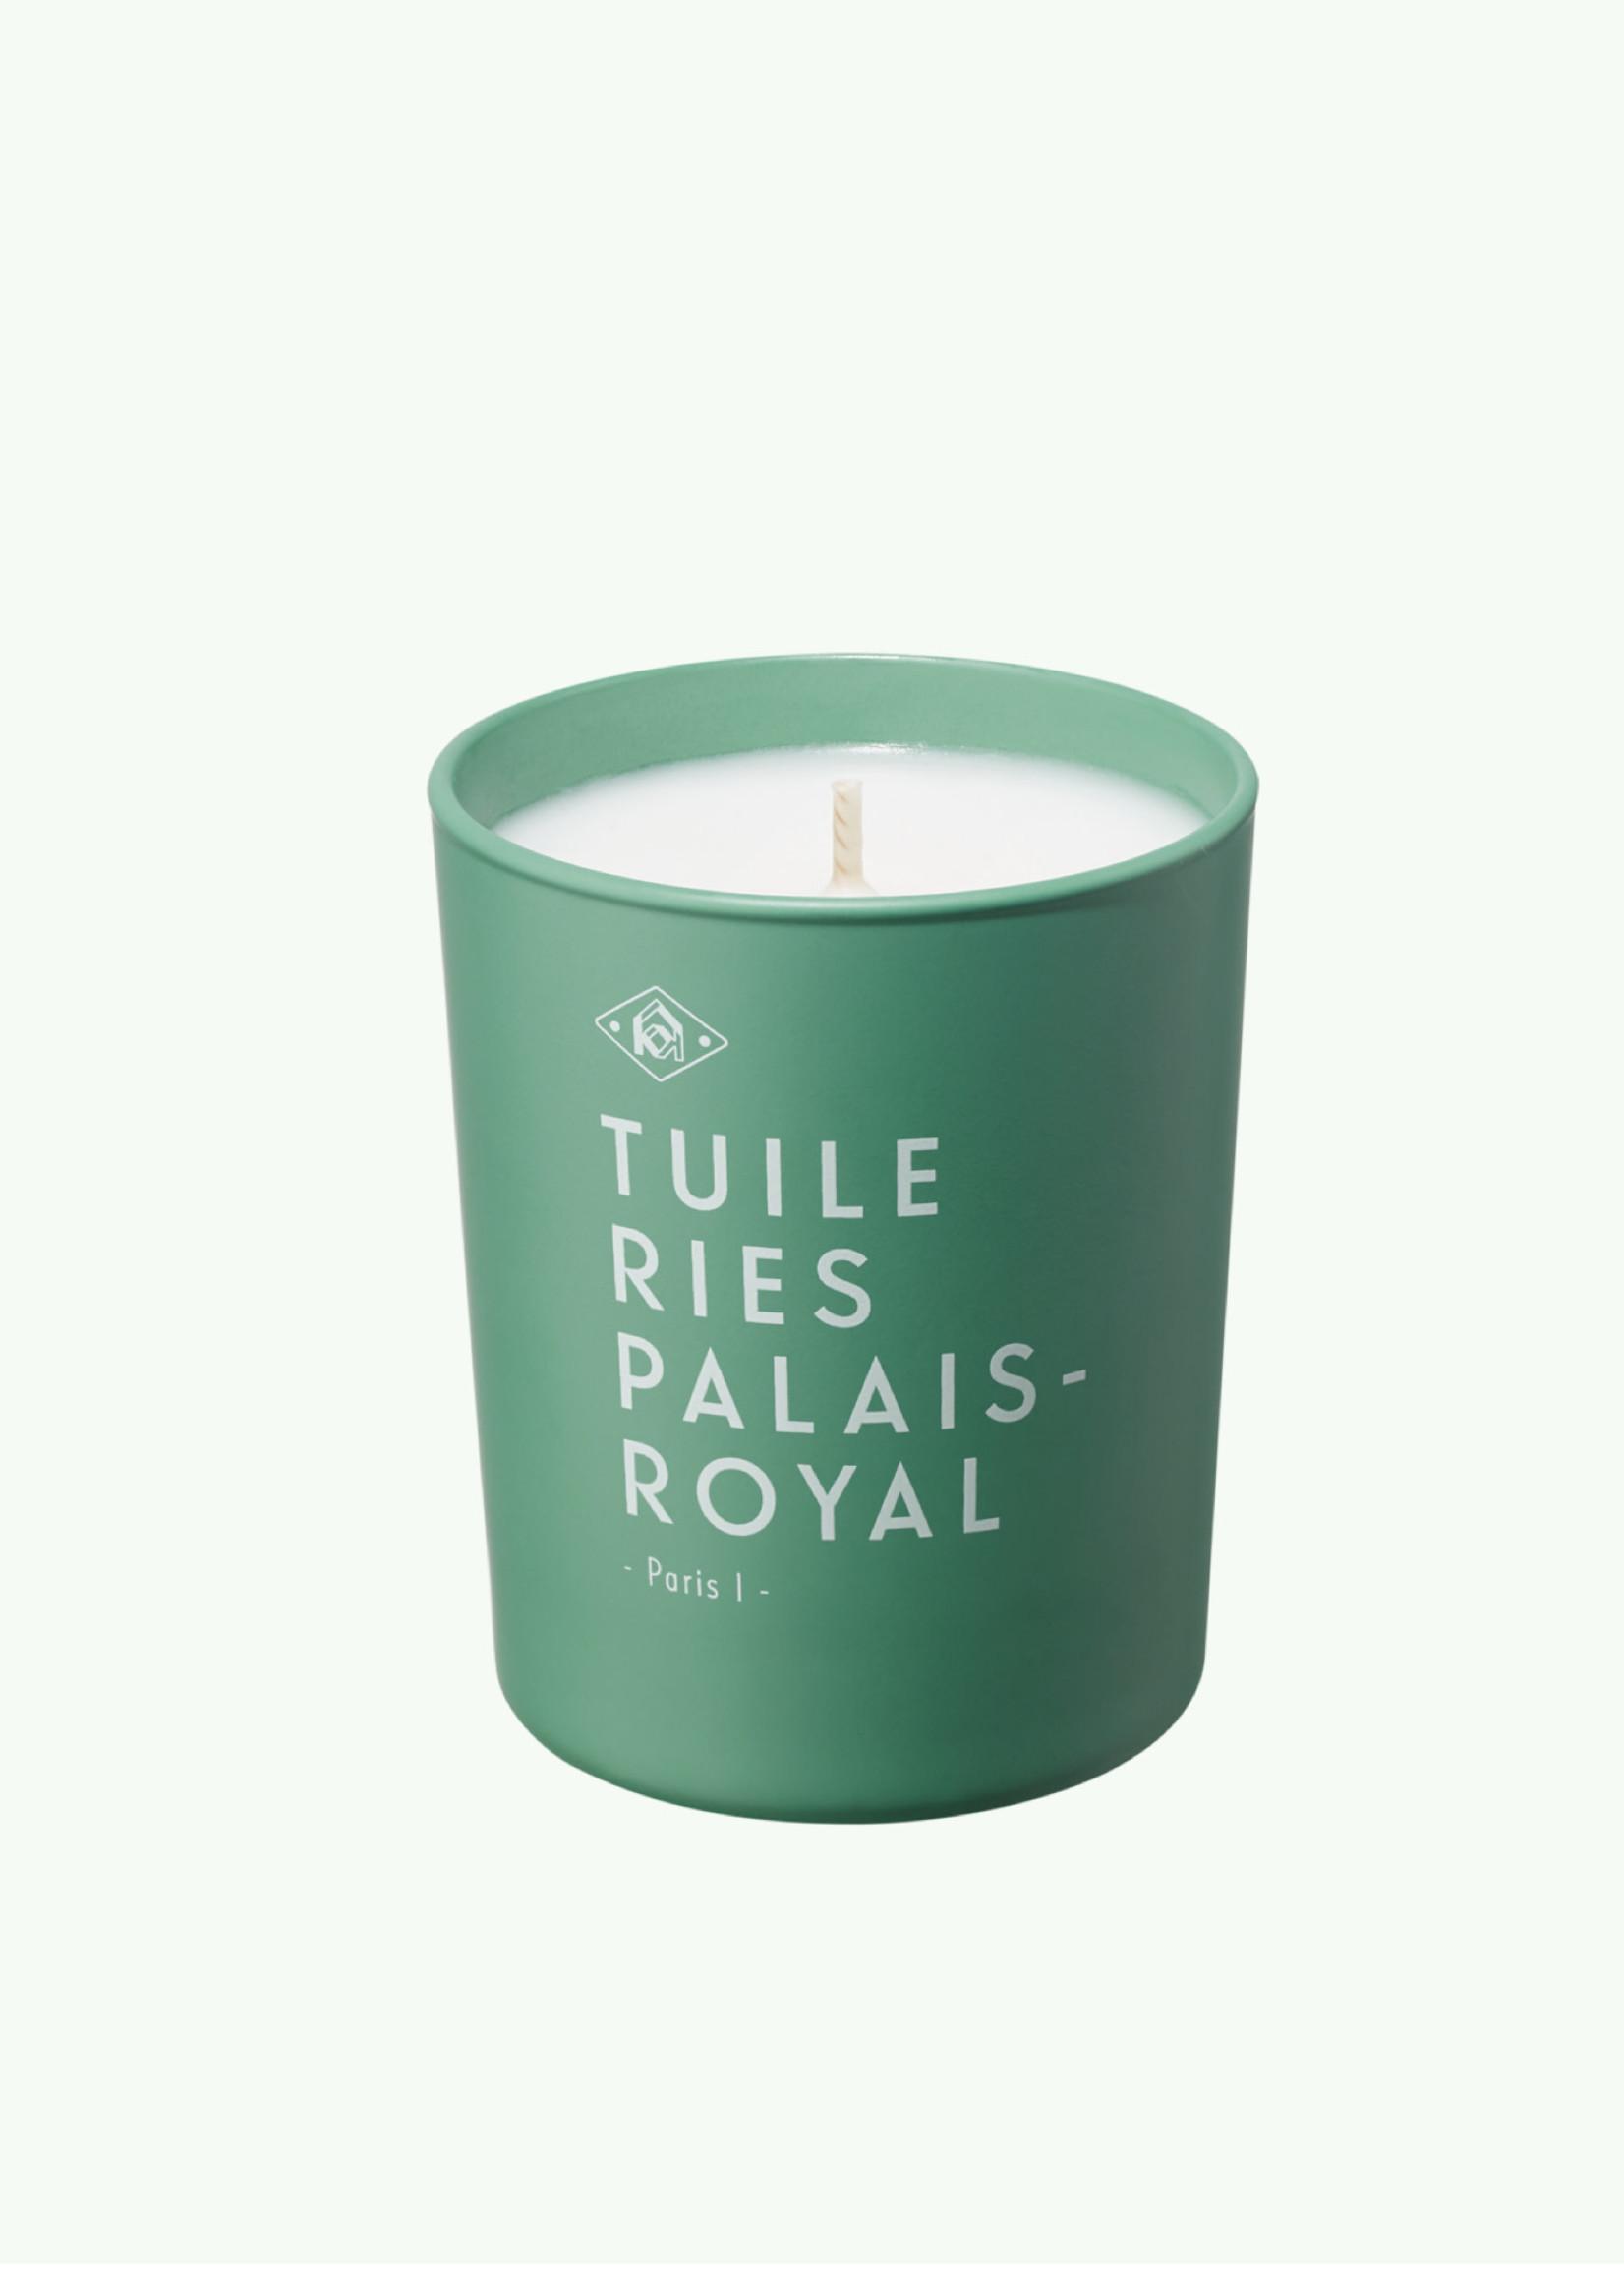 Kerzon Kerzon - Tuileries Palais-Royal - Scented Candle 190 gr